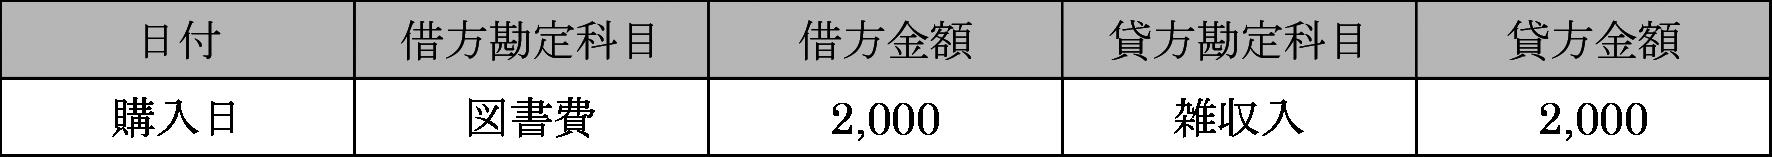 2,000円の本を全額法人クレジットカードのポイントで買った場合の仕訳